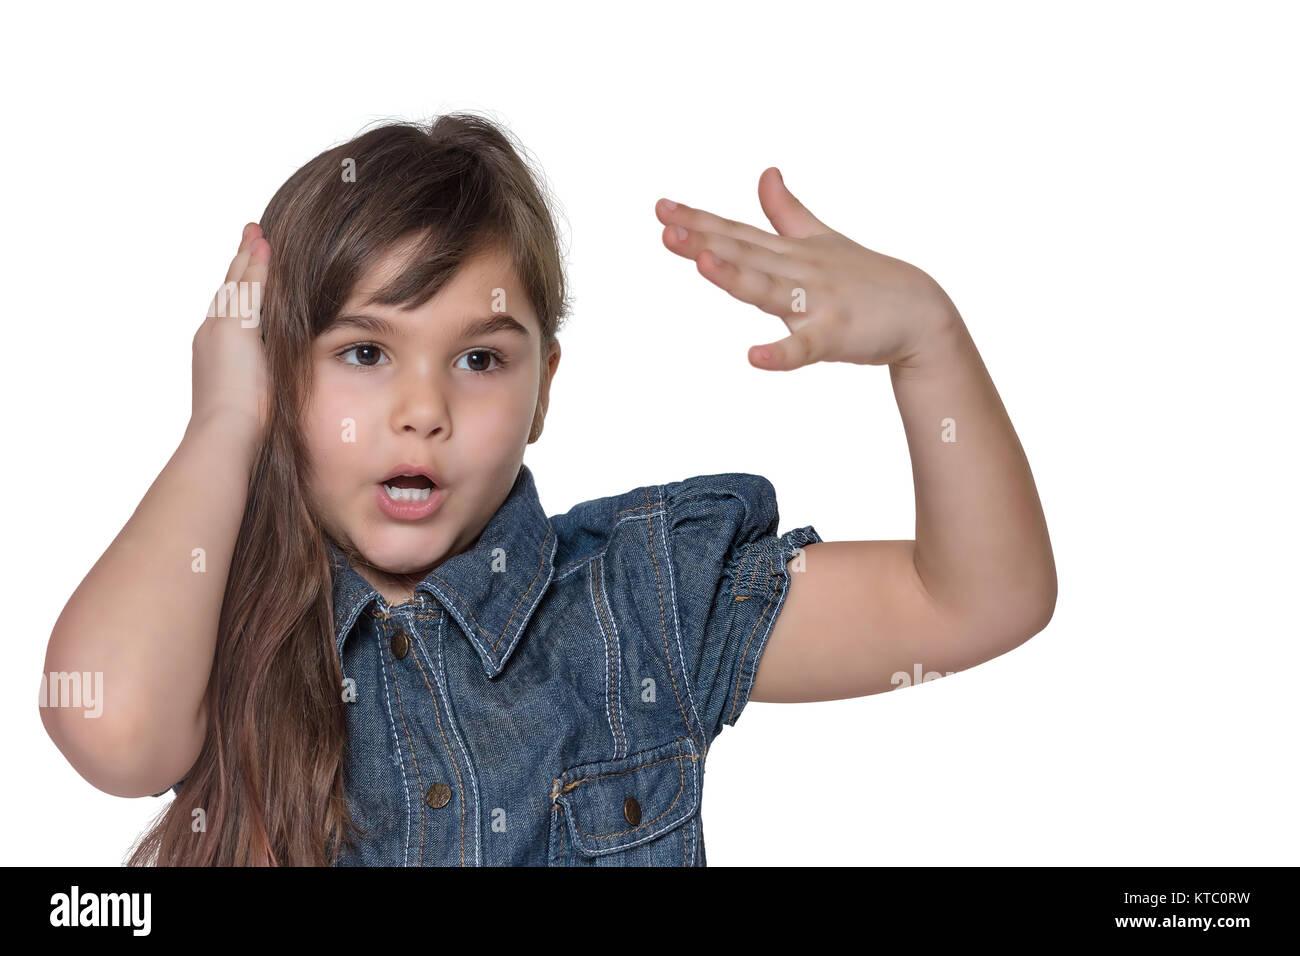 Portrait von emotional gestikulierend wenig Mädchen isoliert Stockbild